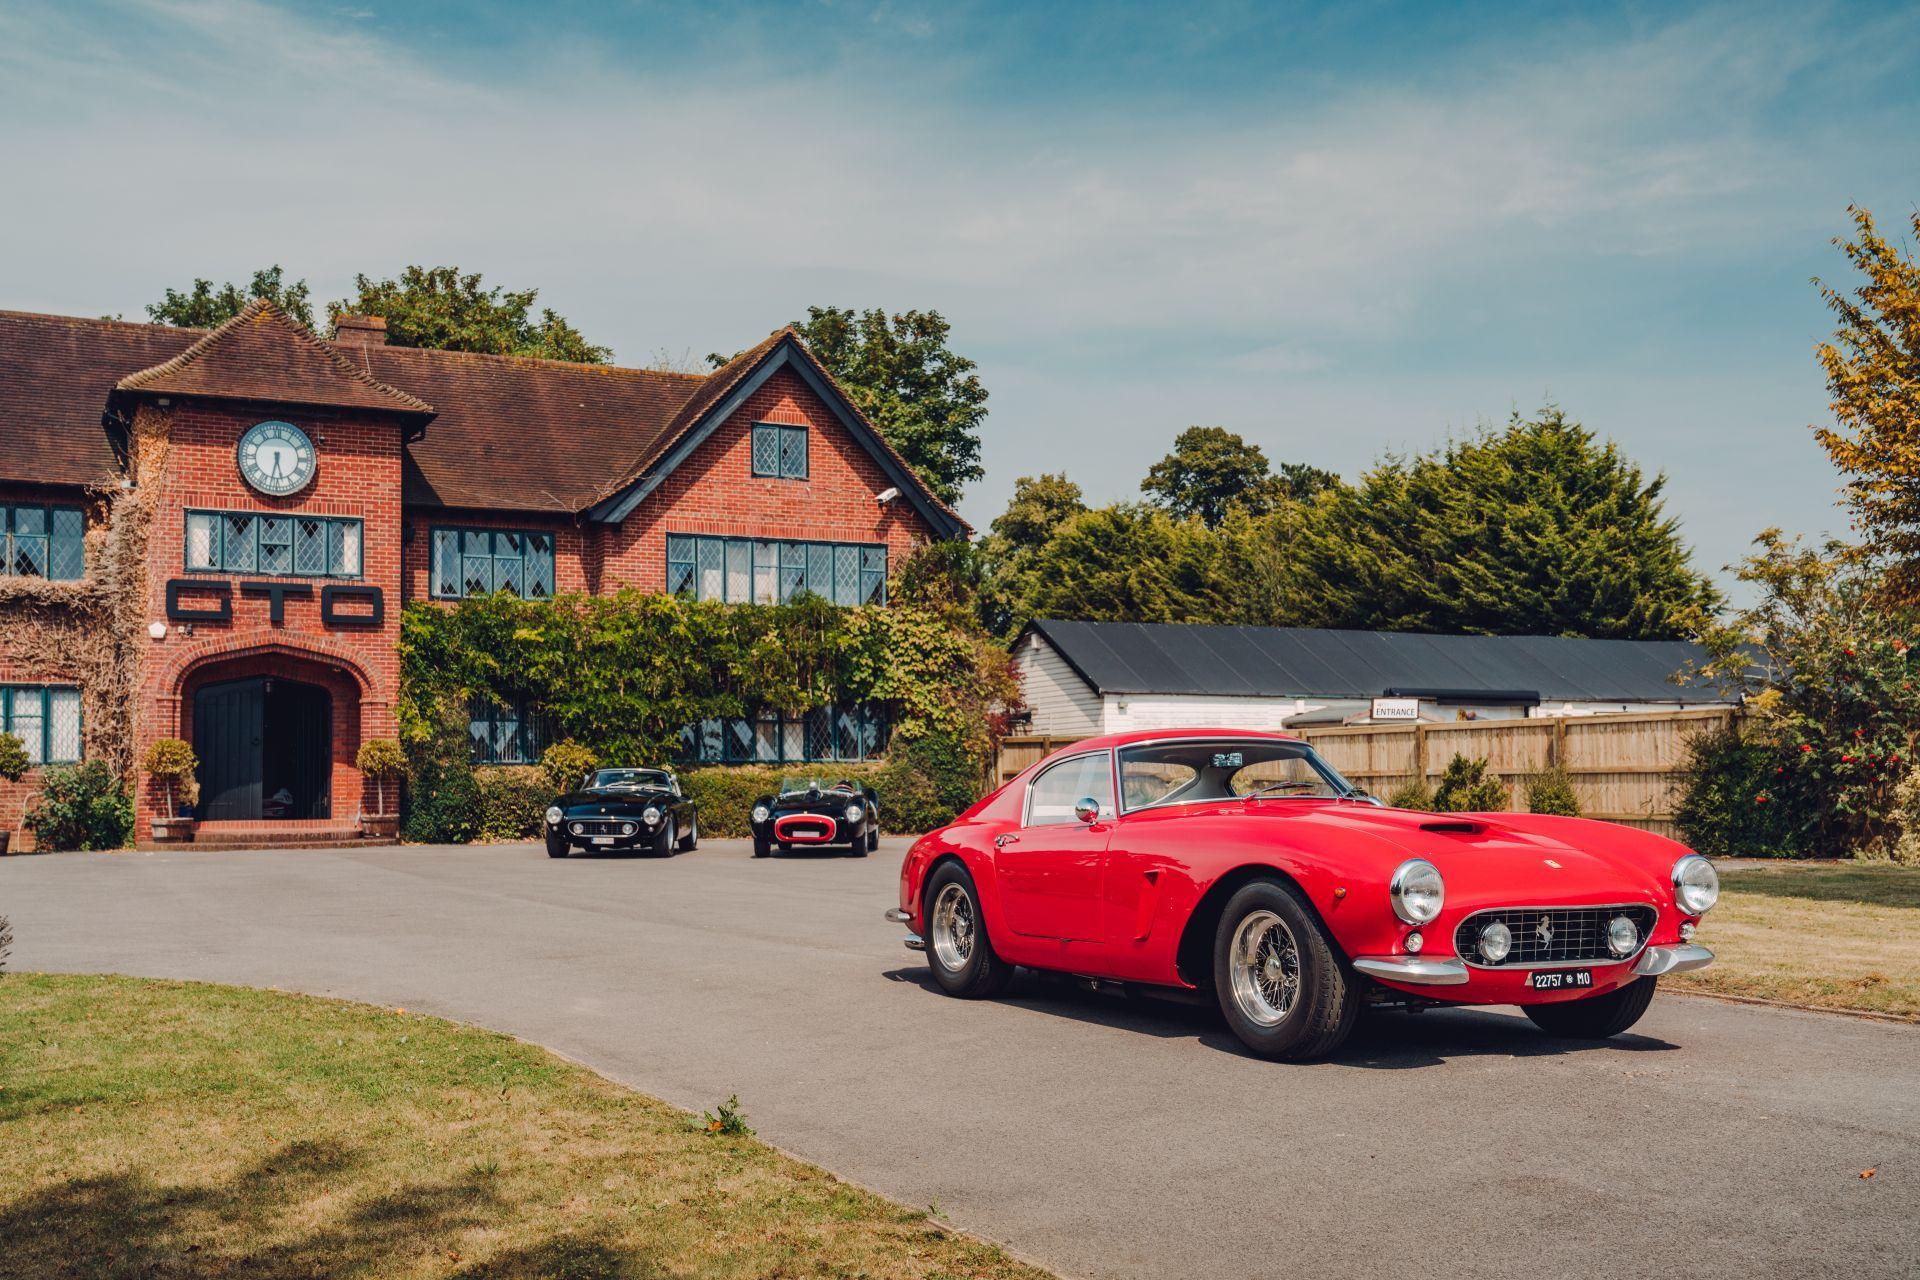 Ferrari-250-GT-SWB-Berlinetta-Competizione-Revival-by-GTO-Engineering-22